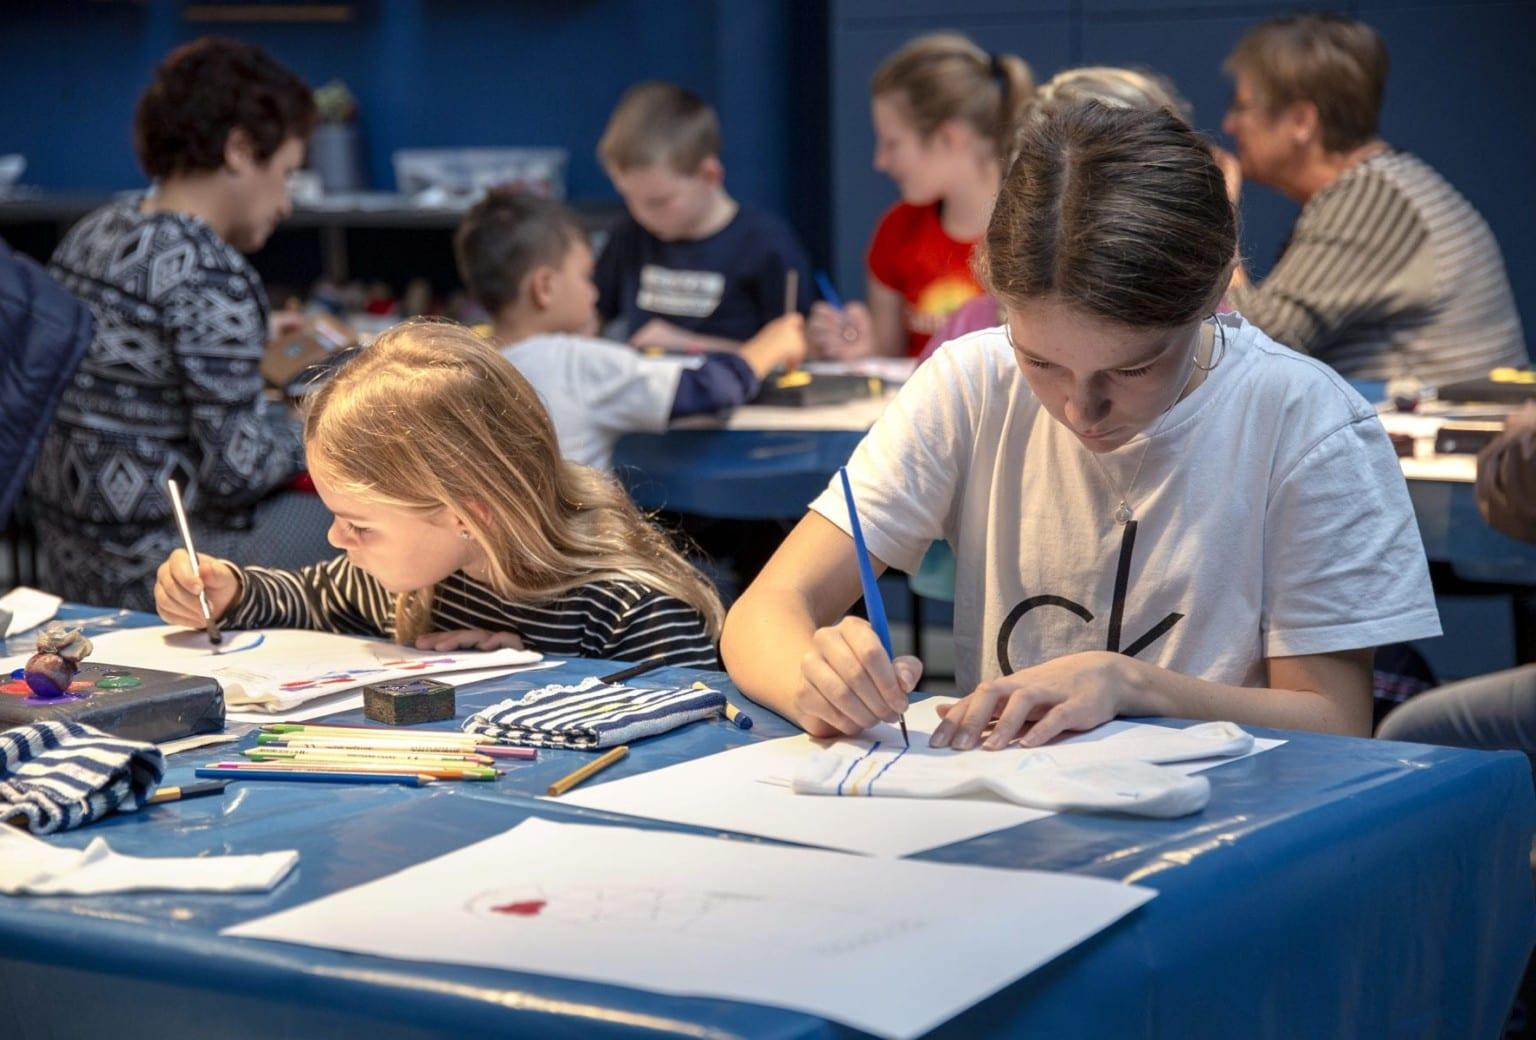 Strømpeworkshop for børn på Tekstilmuseet i Herning